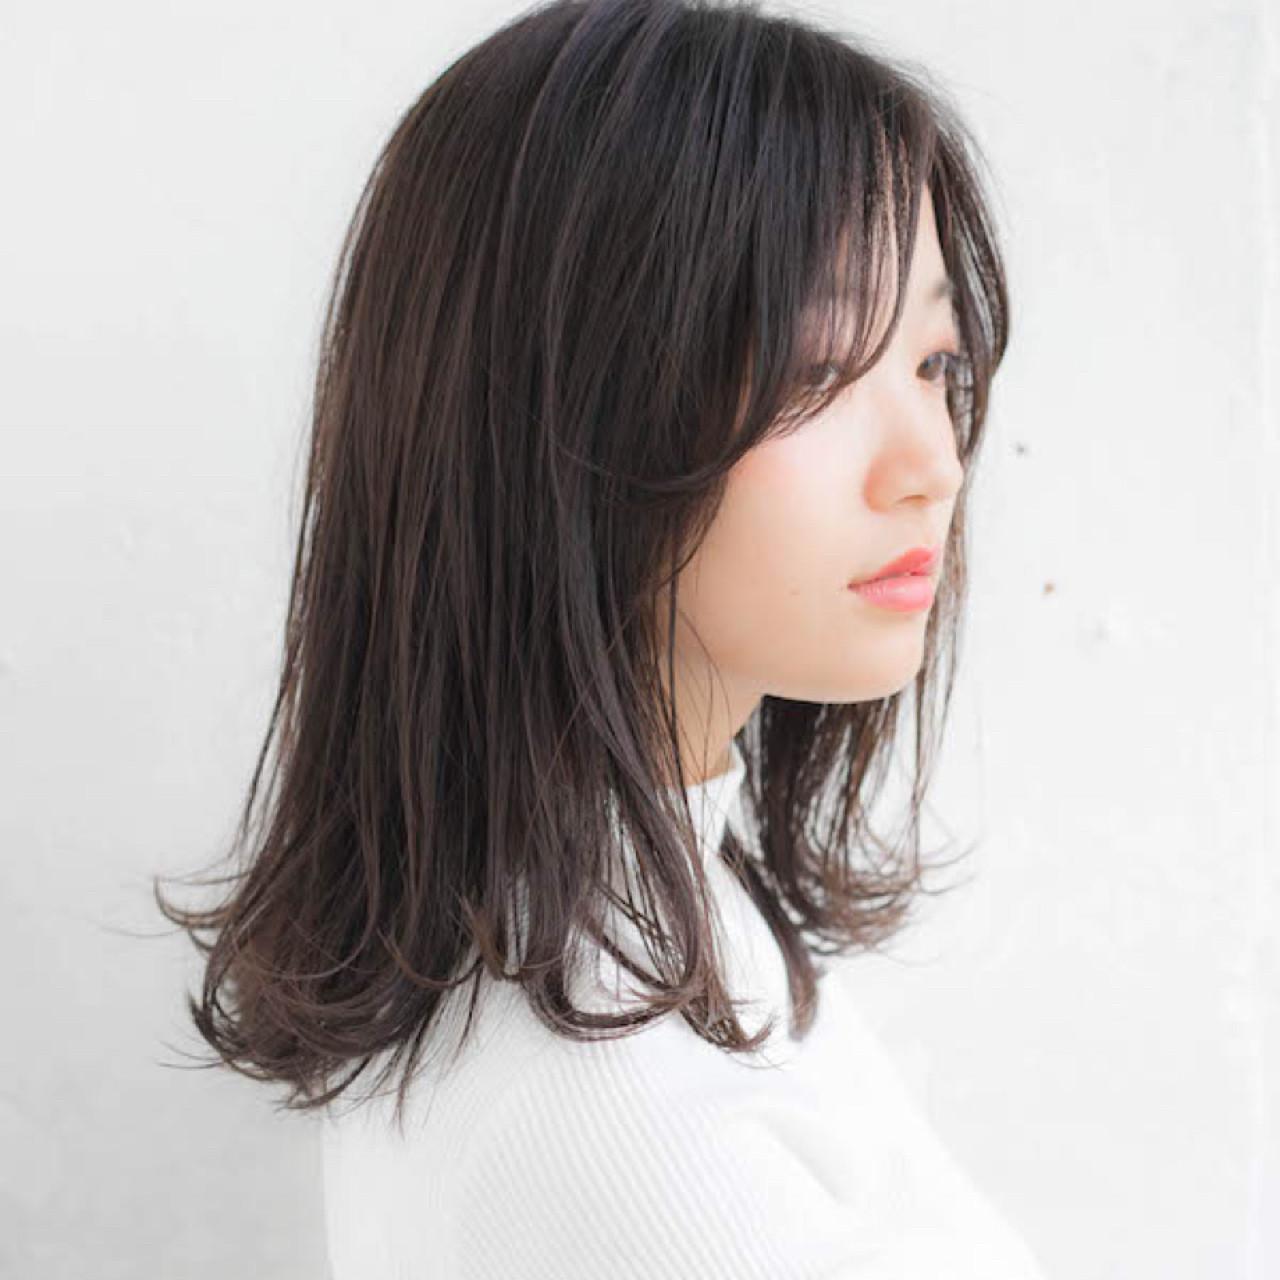 抜け感バングがおしゃれ♡黒髪にピッタリミディアム 竹澤 優/relian銀座Top stylist